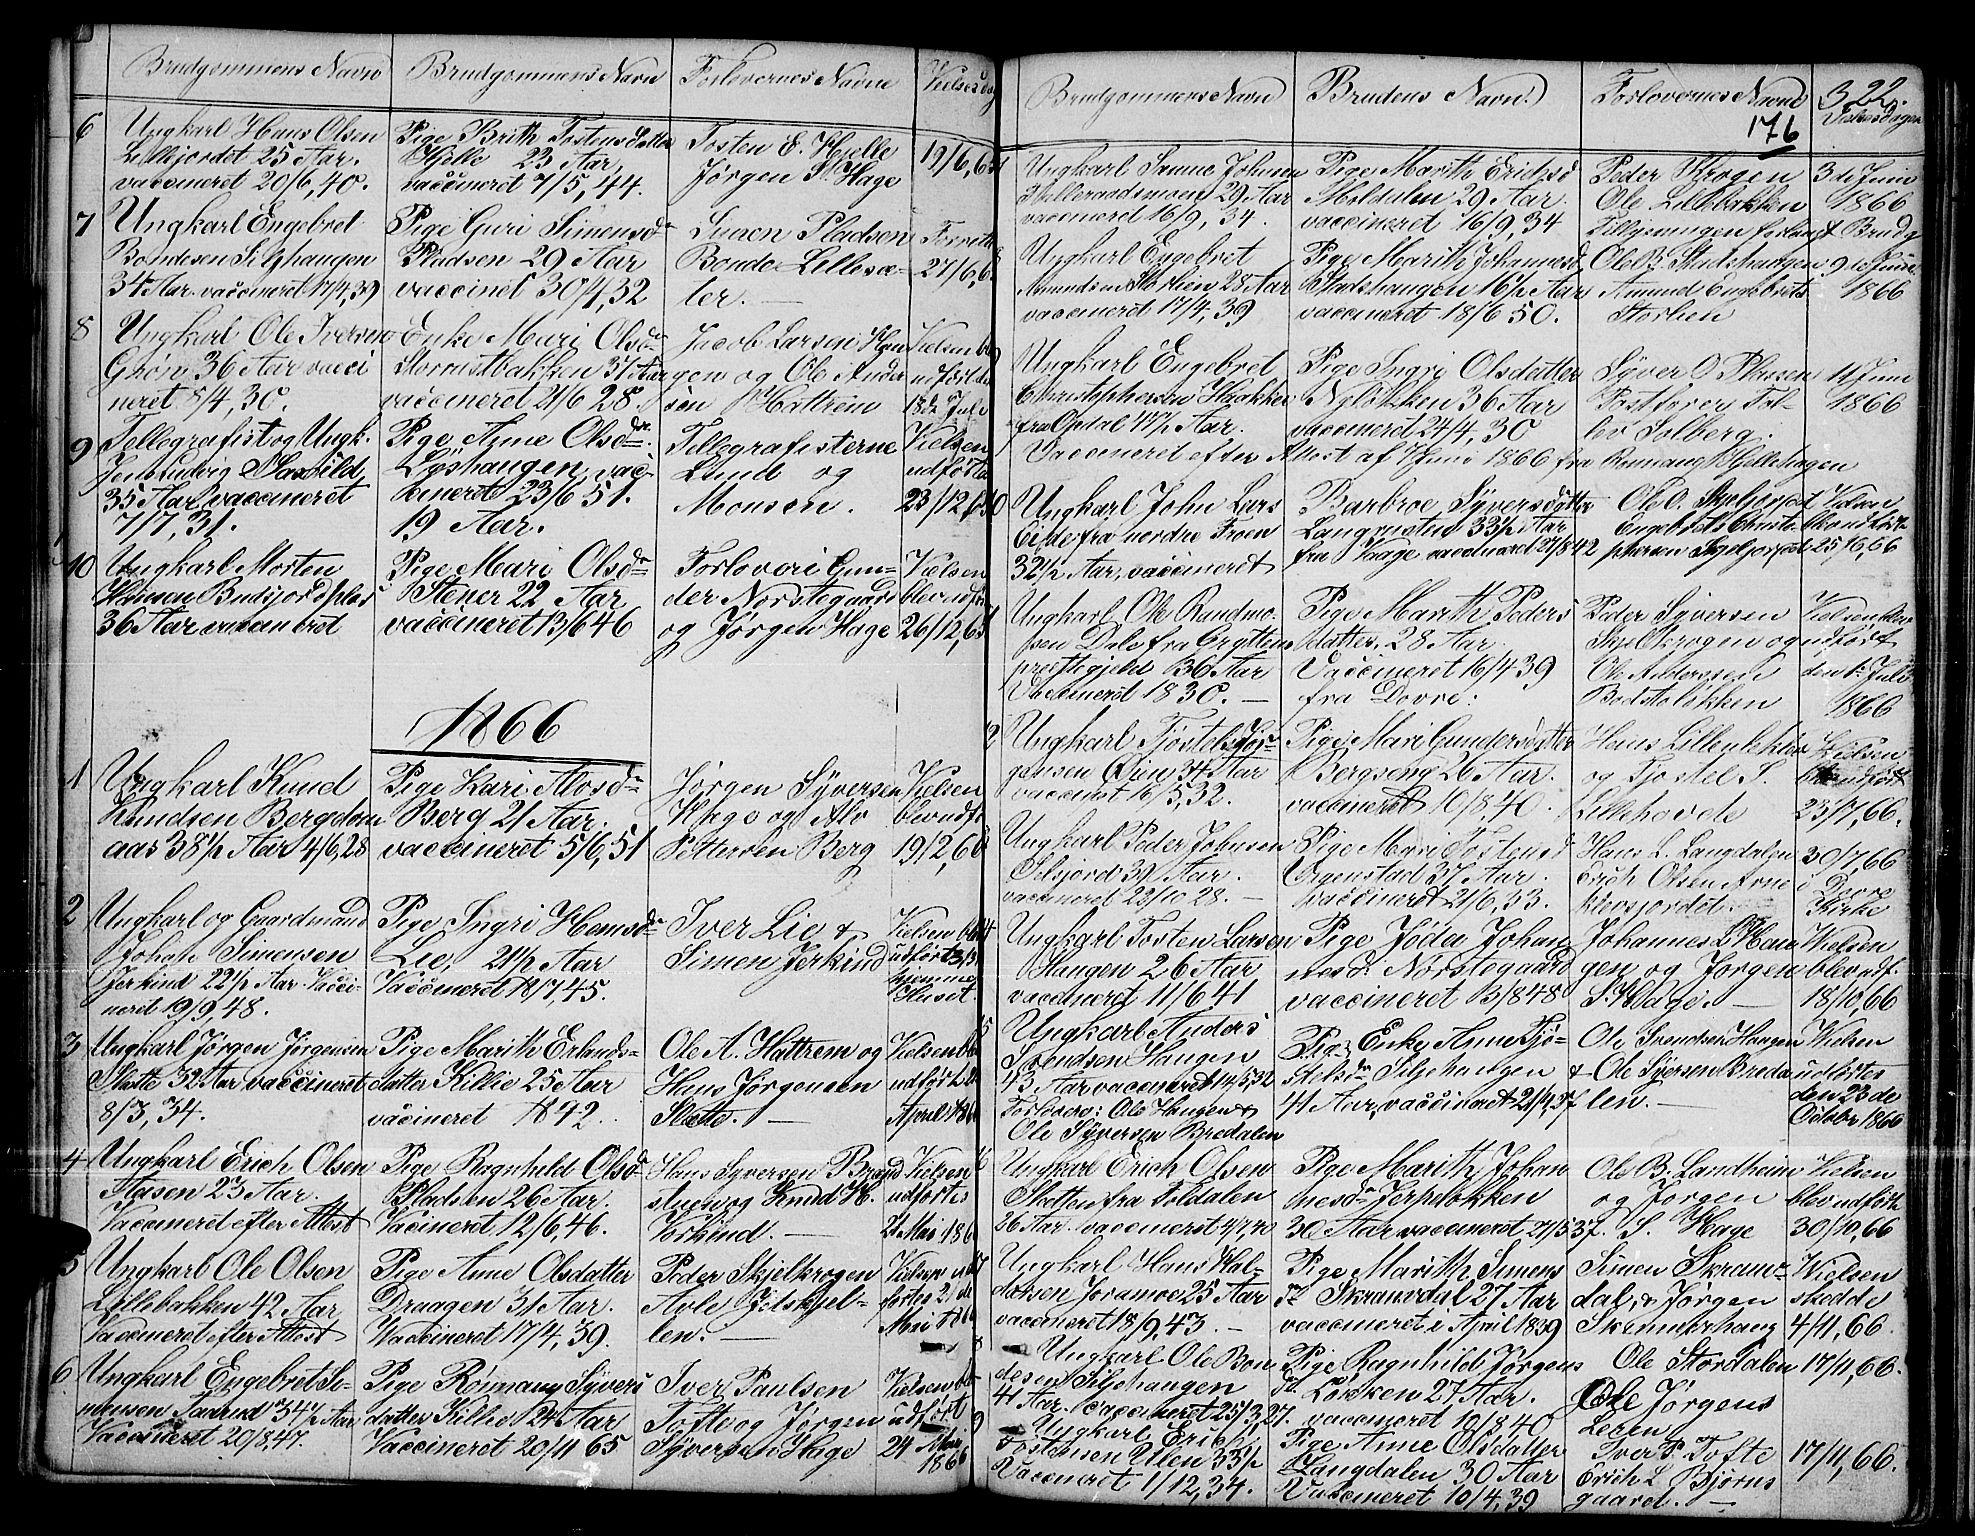 SAH, Dovre prestekontor, Klokkerbok nr. 1, 1862-1880, s. 322